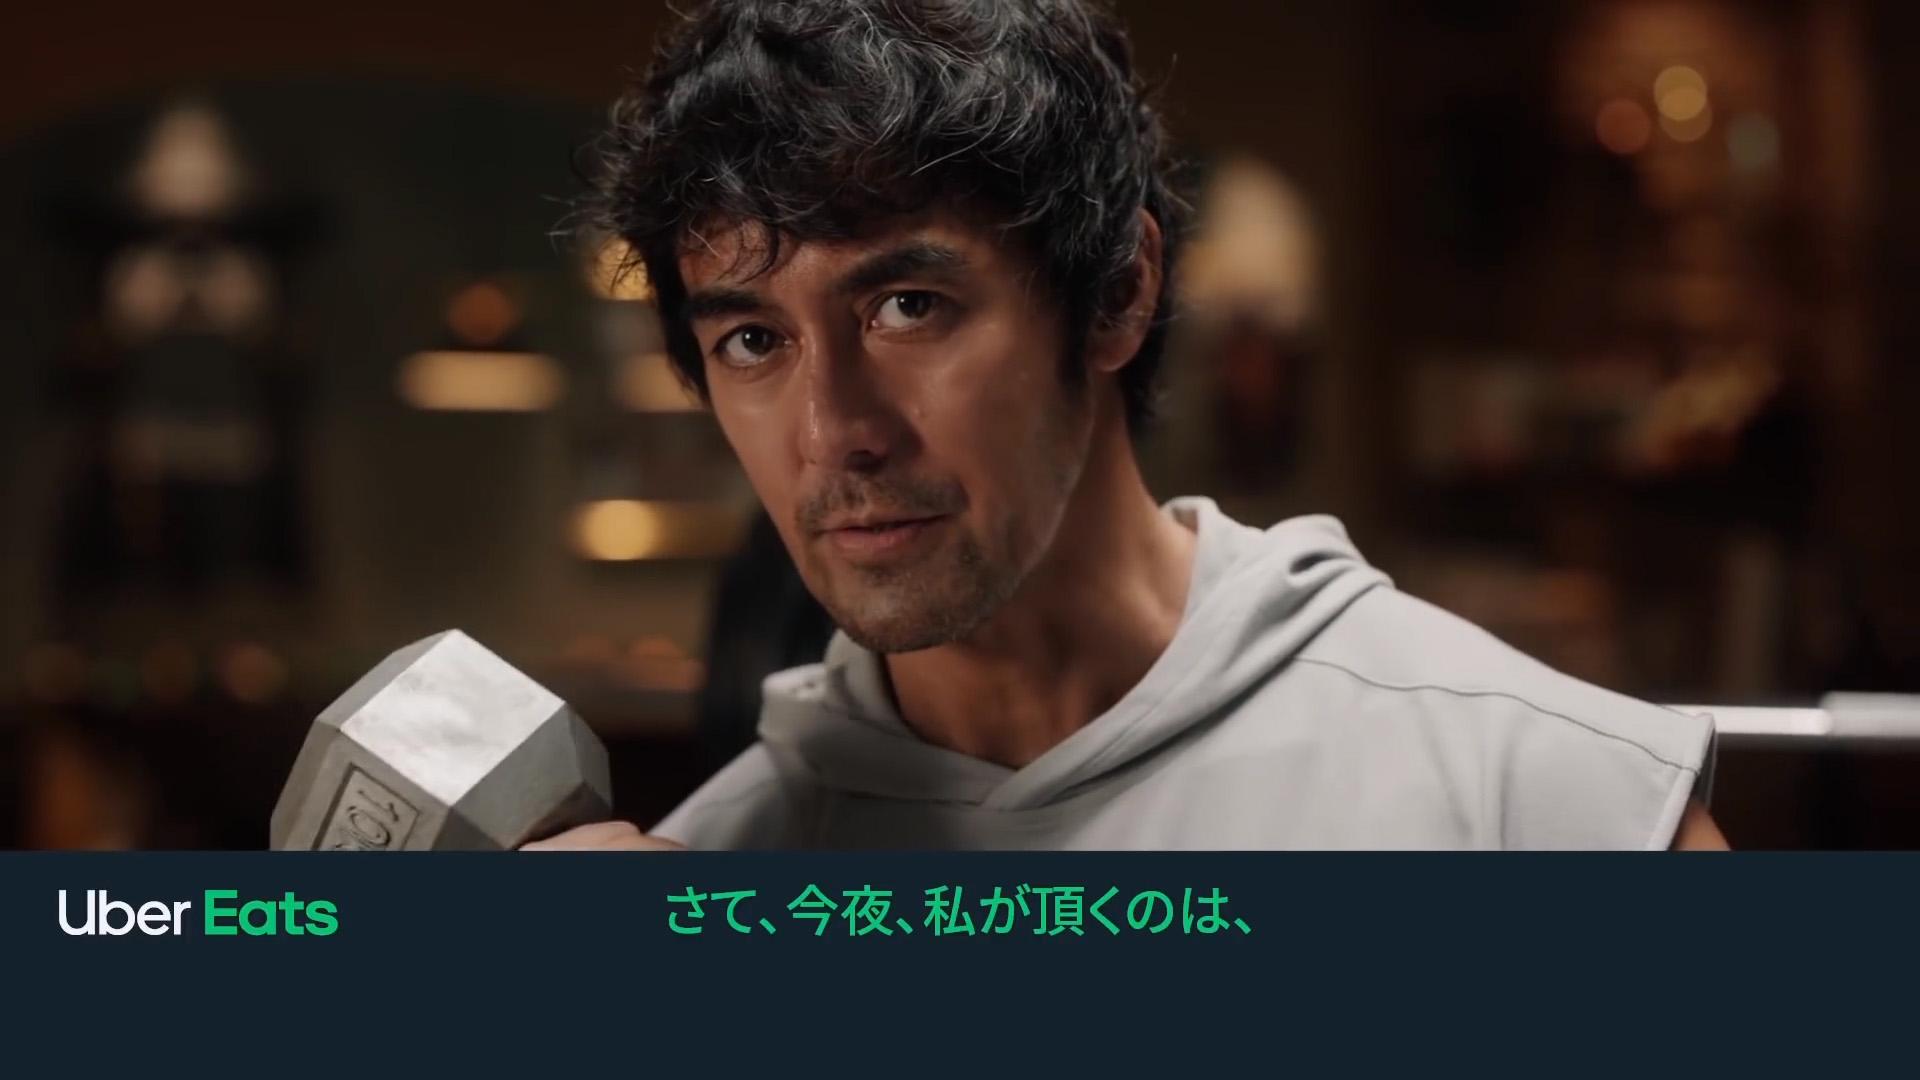 イーツ 黒柳 ウーバー 徹子 cm